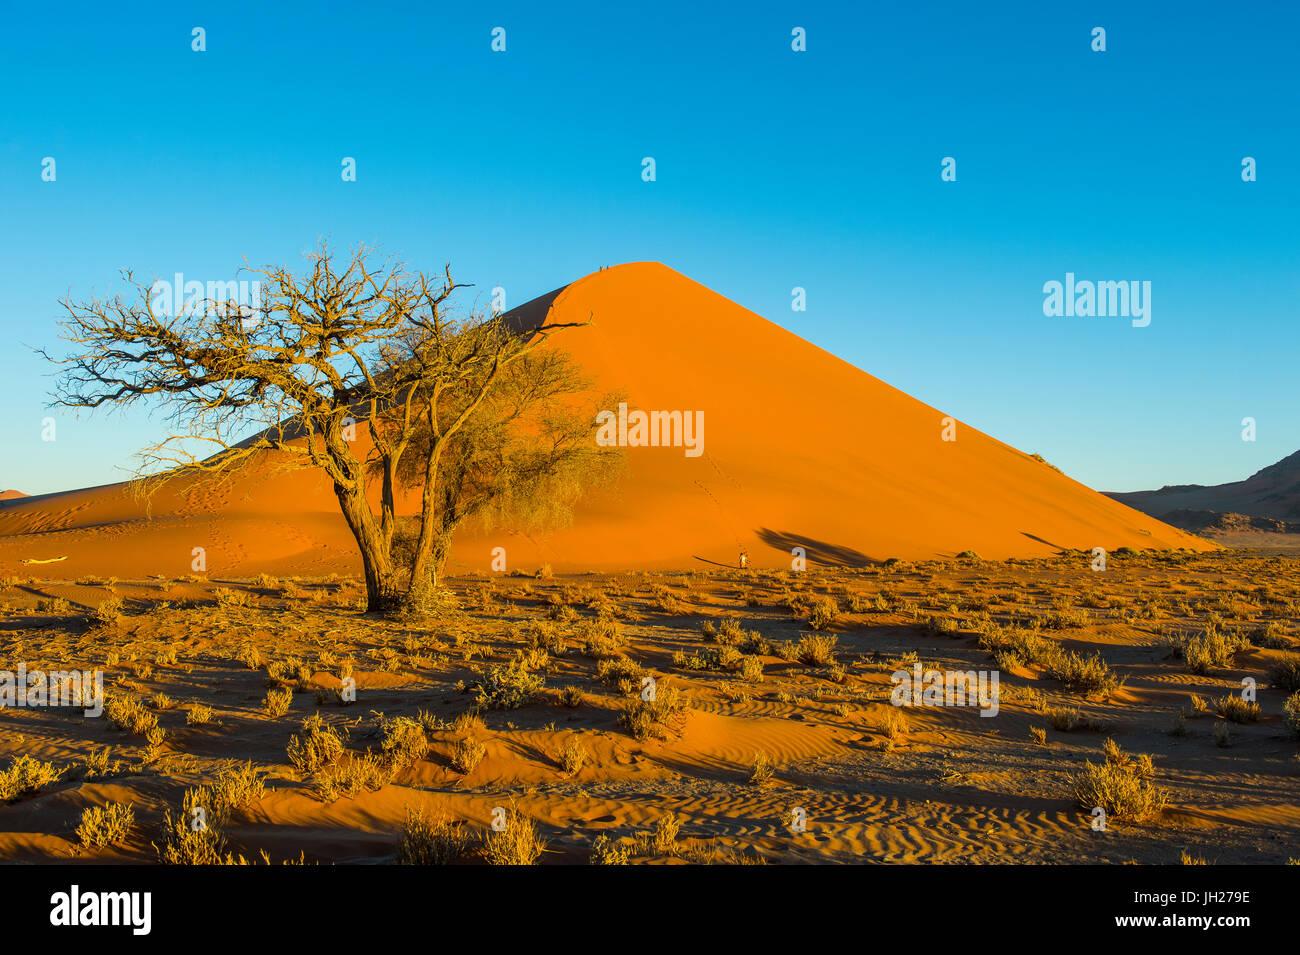 Giant Sand Dune 45, Sossusvlei, Namib-Naukluft National Park, Namibia, Africa - Stock Image